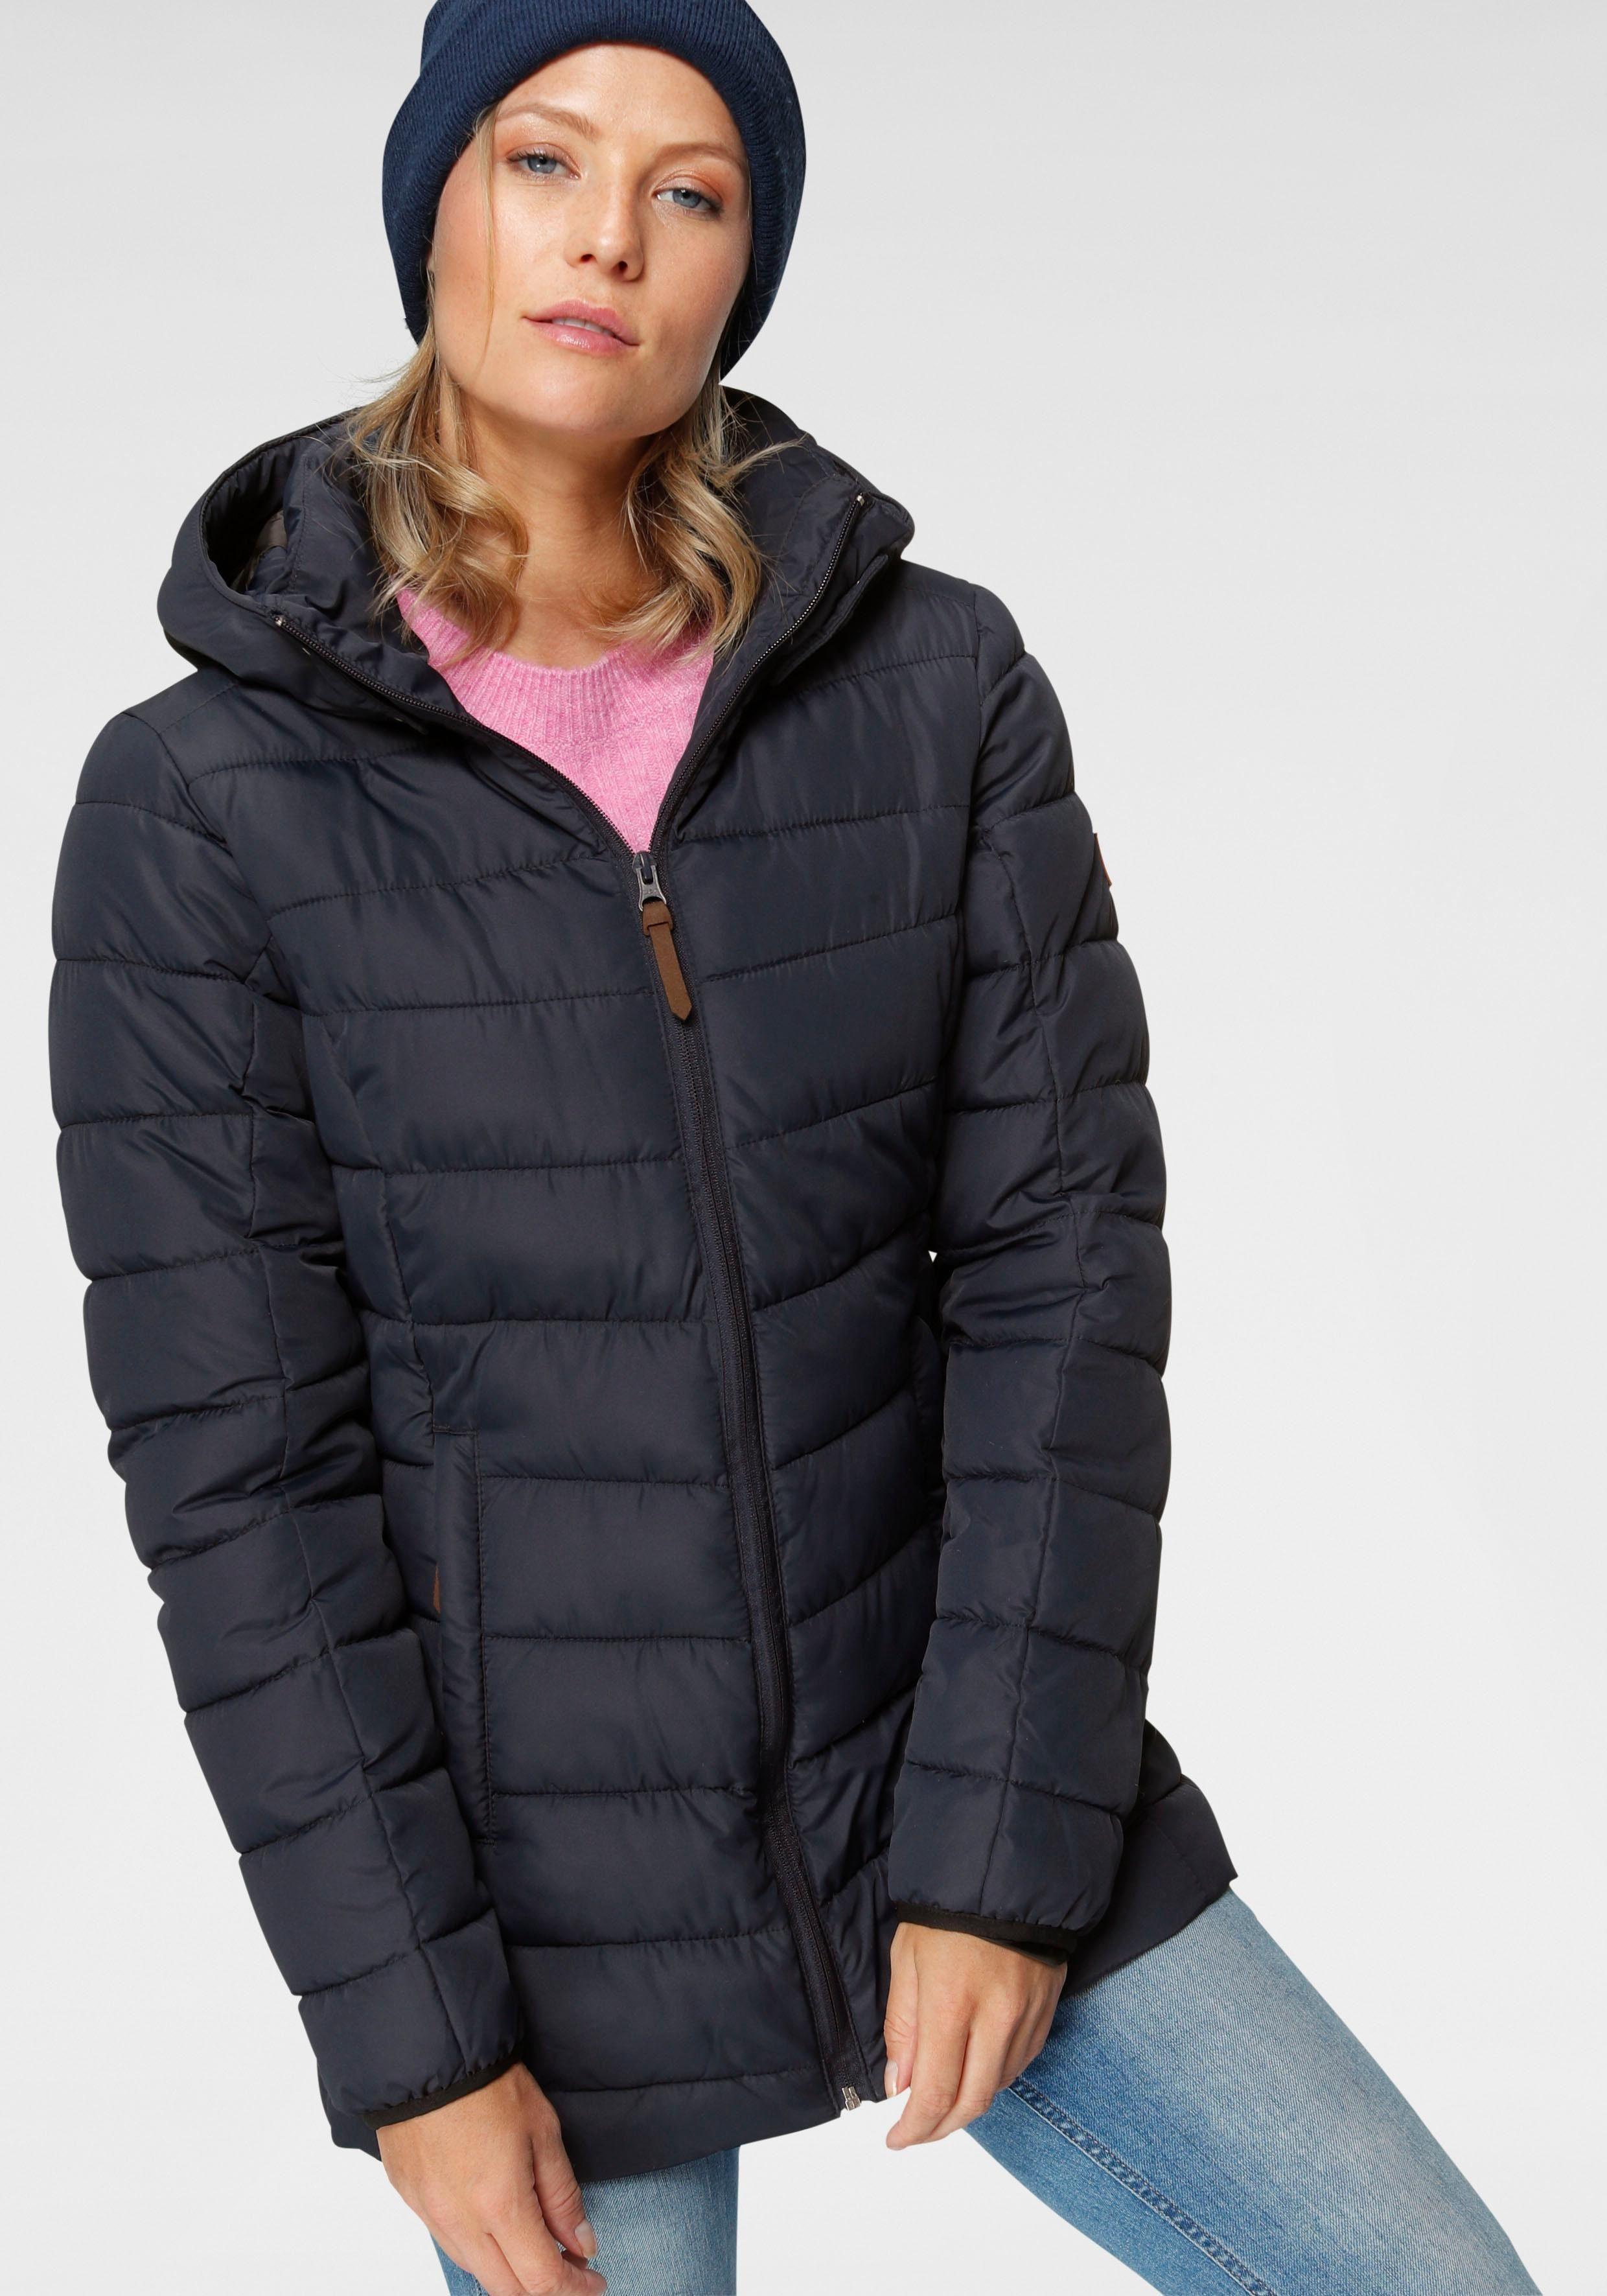 verstellbarer Wintermantel Gr 36 Damenmantel Winterjacke warmer Steppmantel NEU